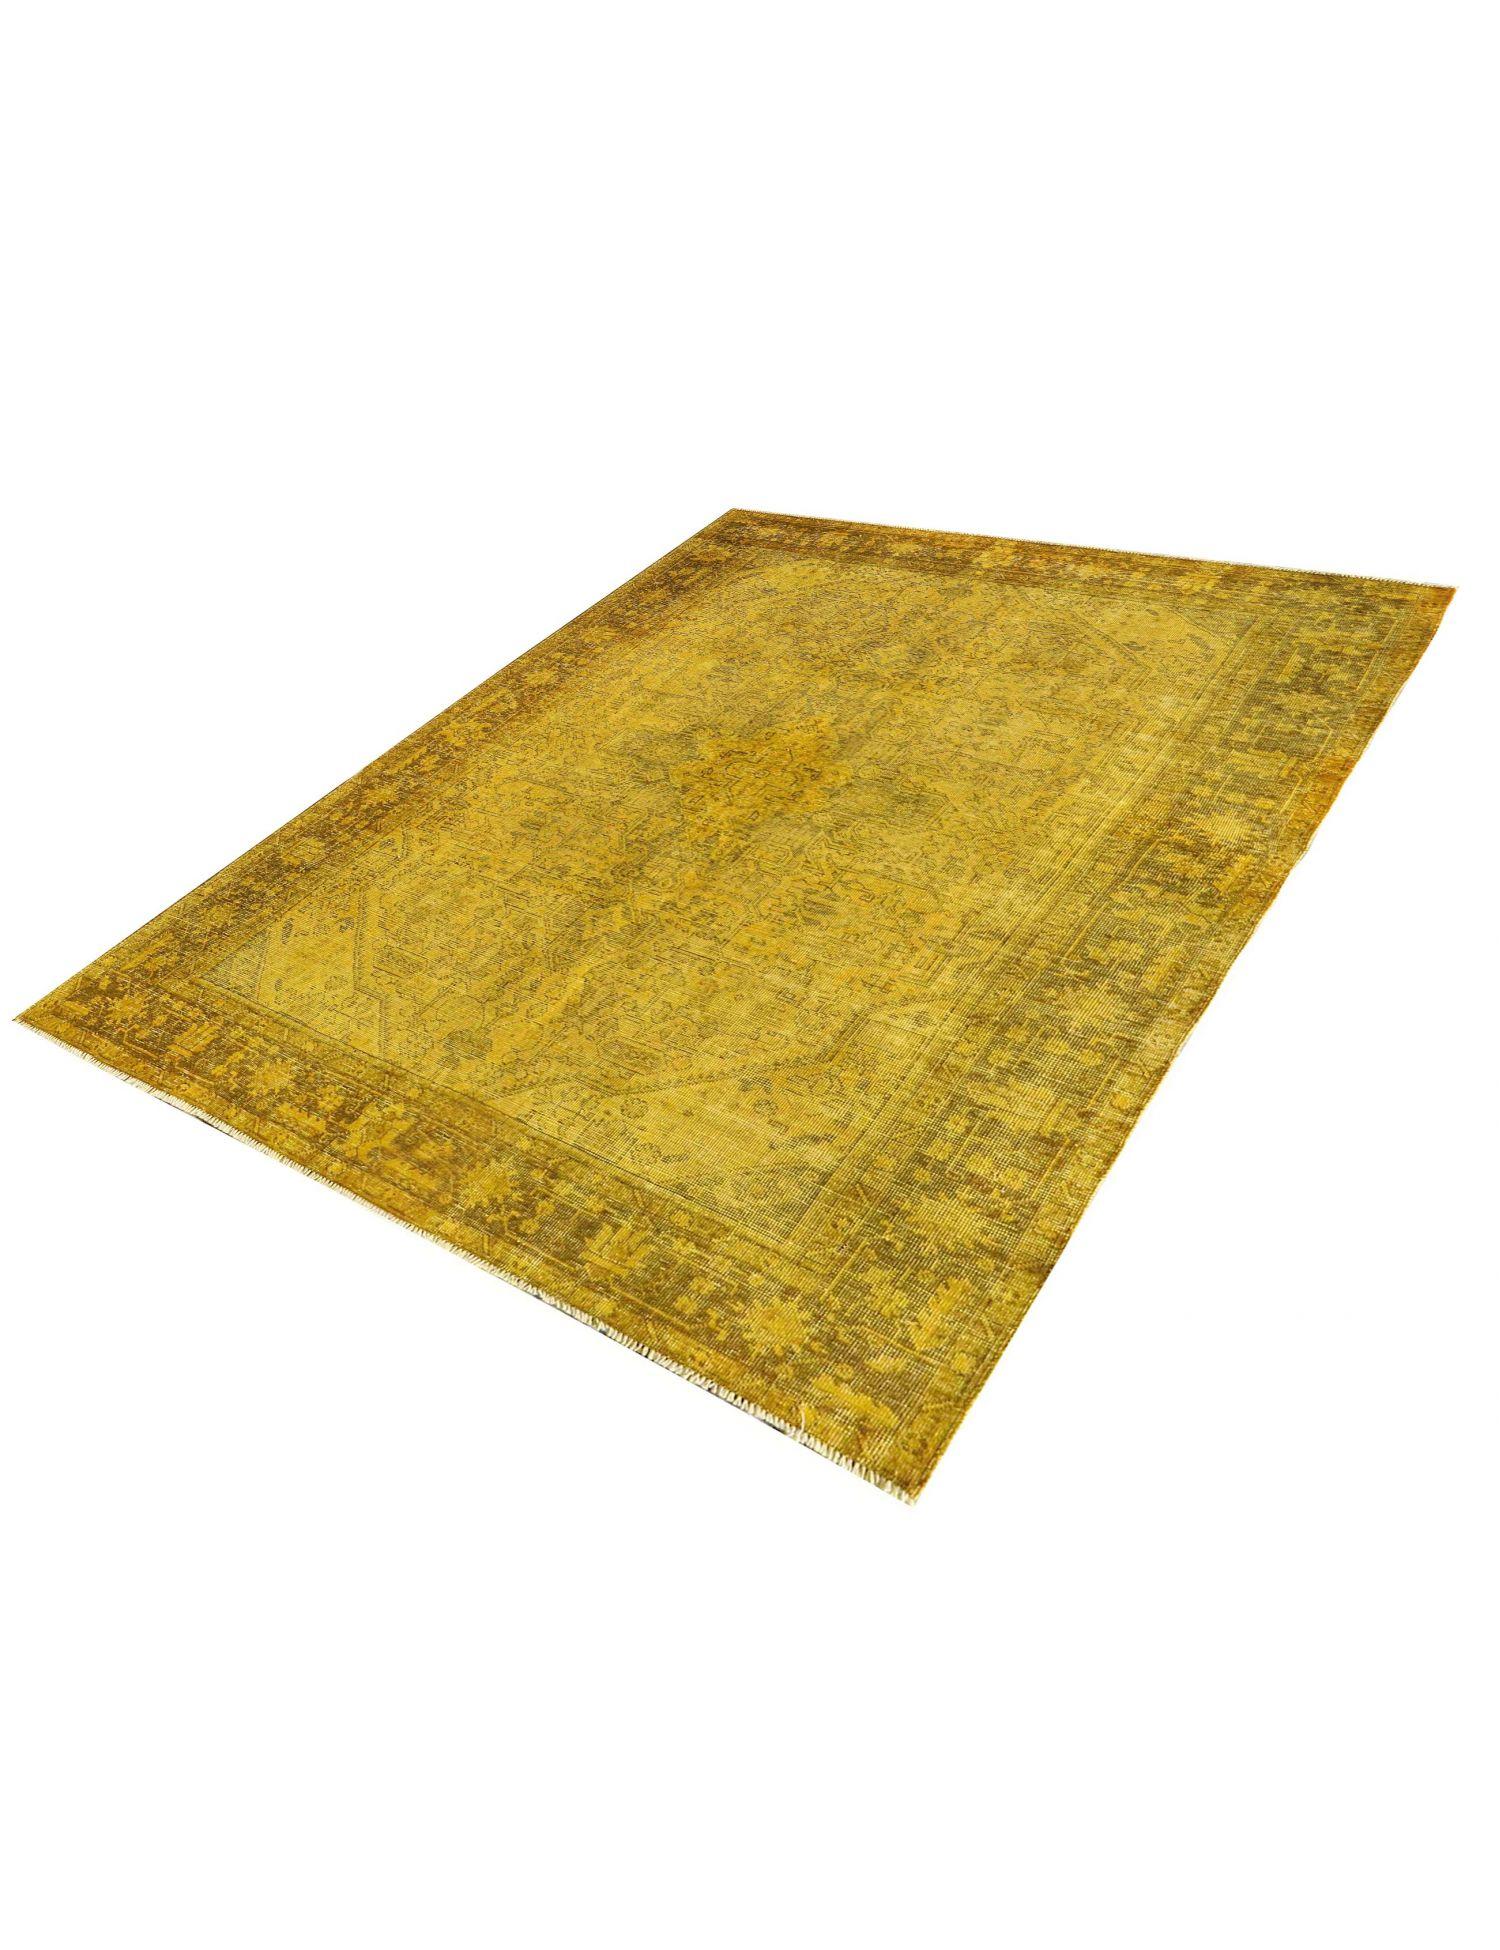 Vintage Teppich  gelb <br/>280 x 195 cm